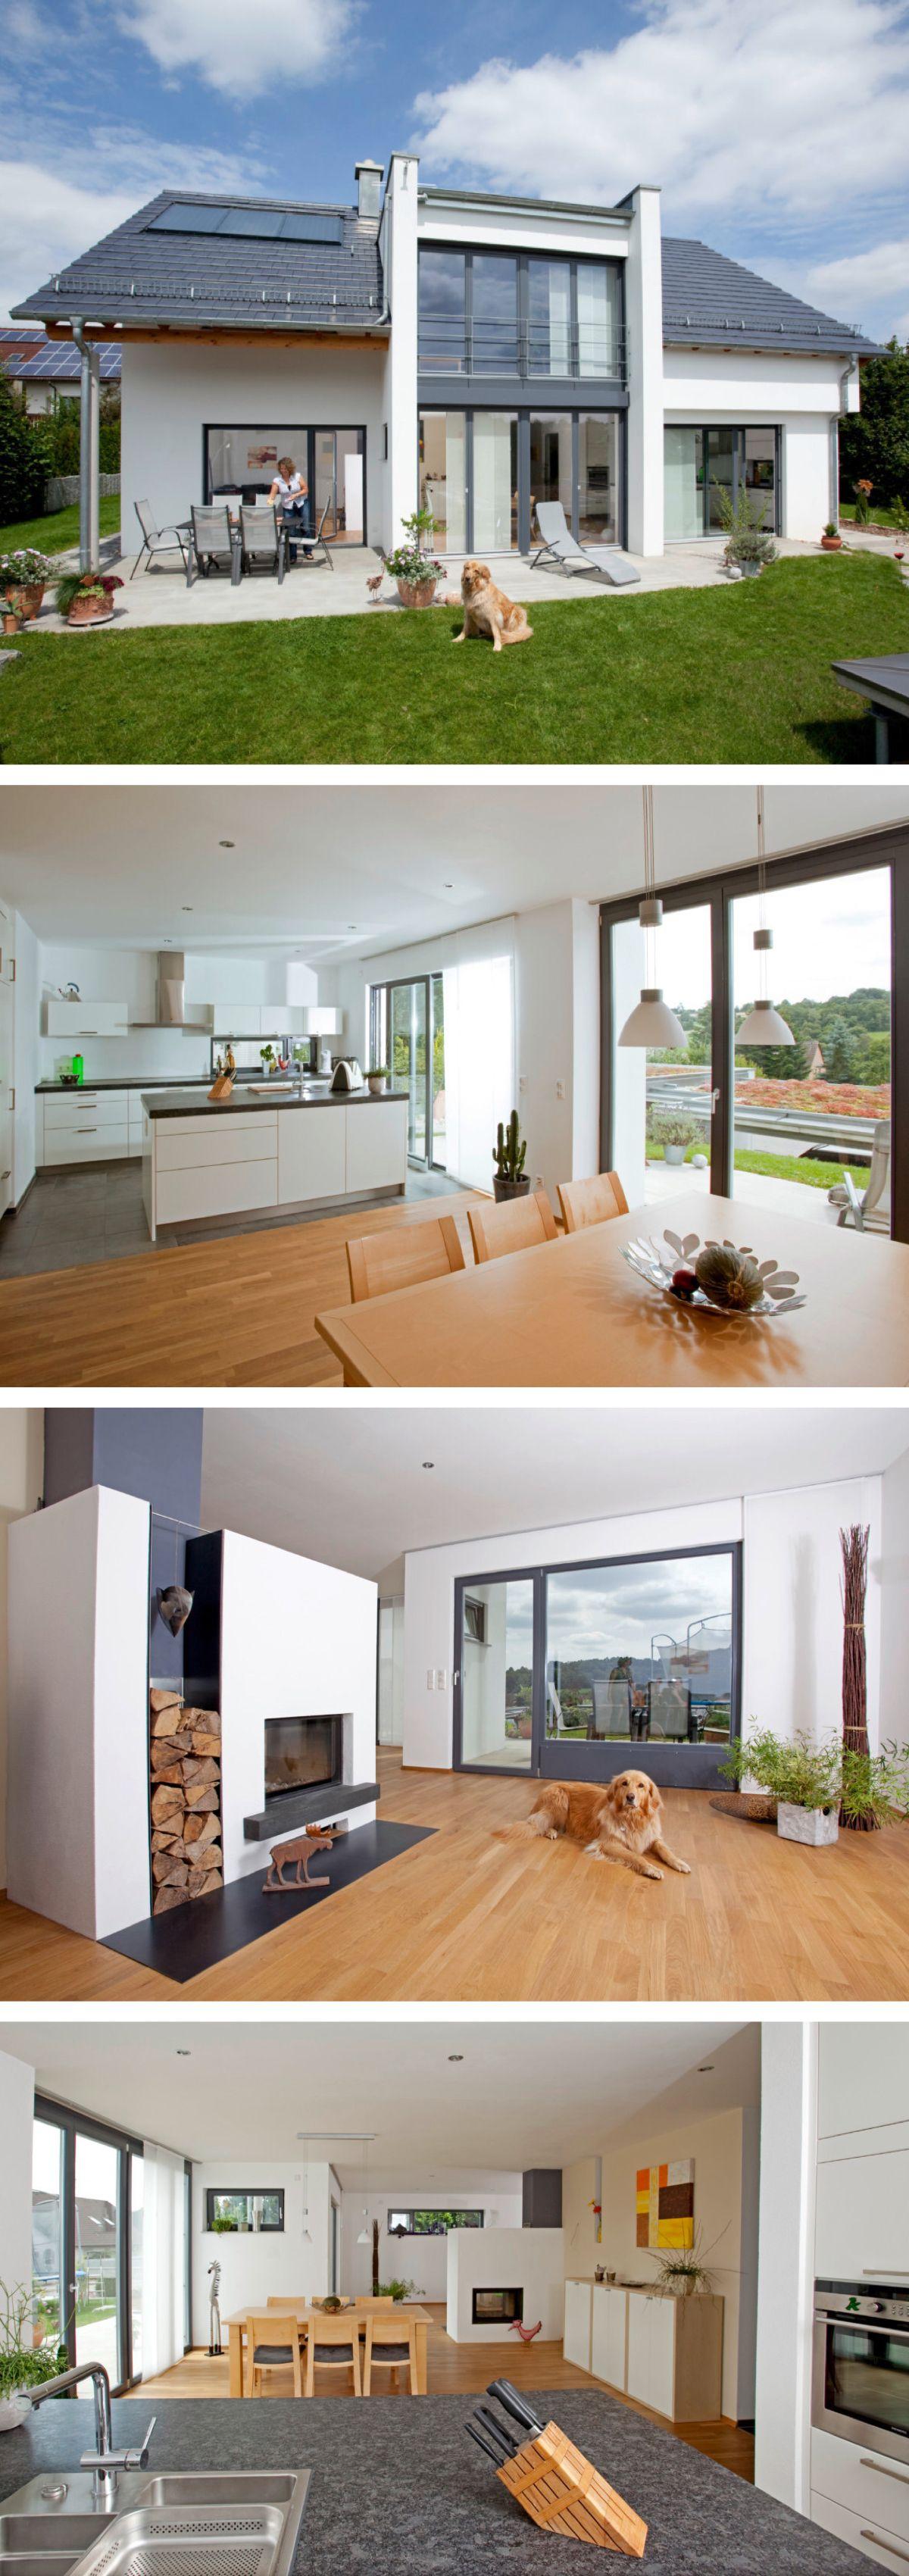 satteldach haus modern mit querhaus galerie kamin einfamilienhaus baumeister haus leitner. Black Bedroom Furniture Sets. Home Design Ideas